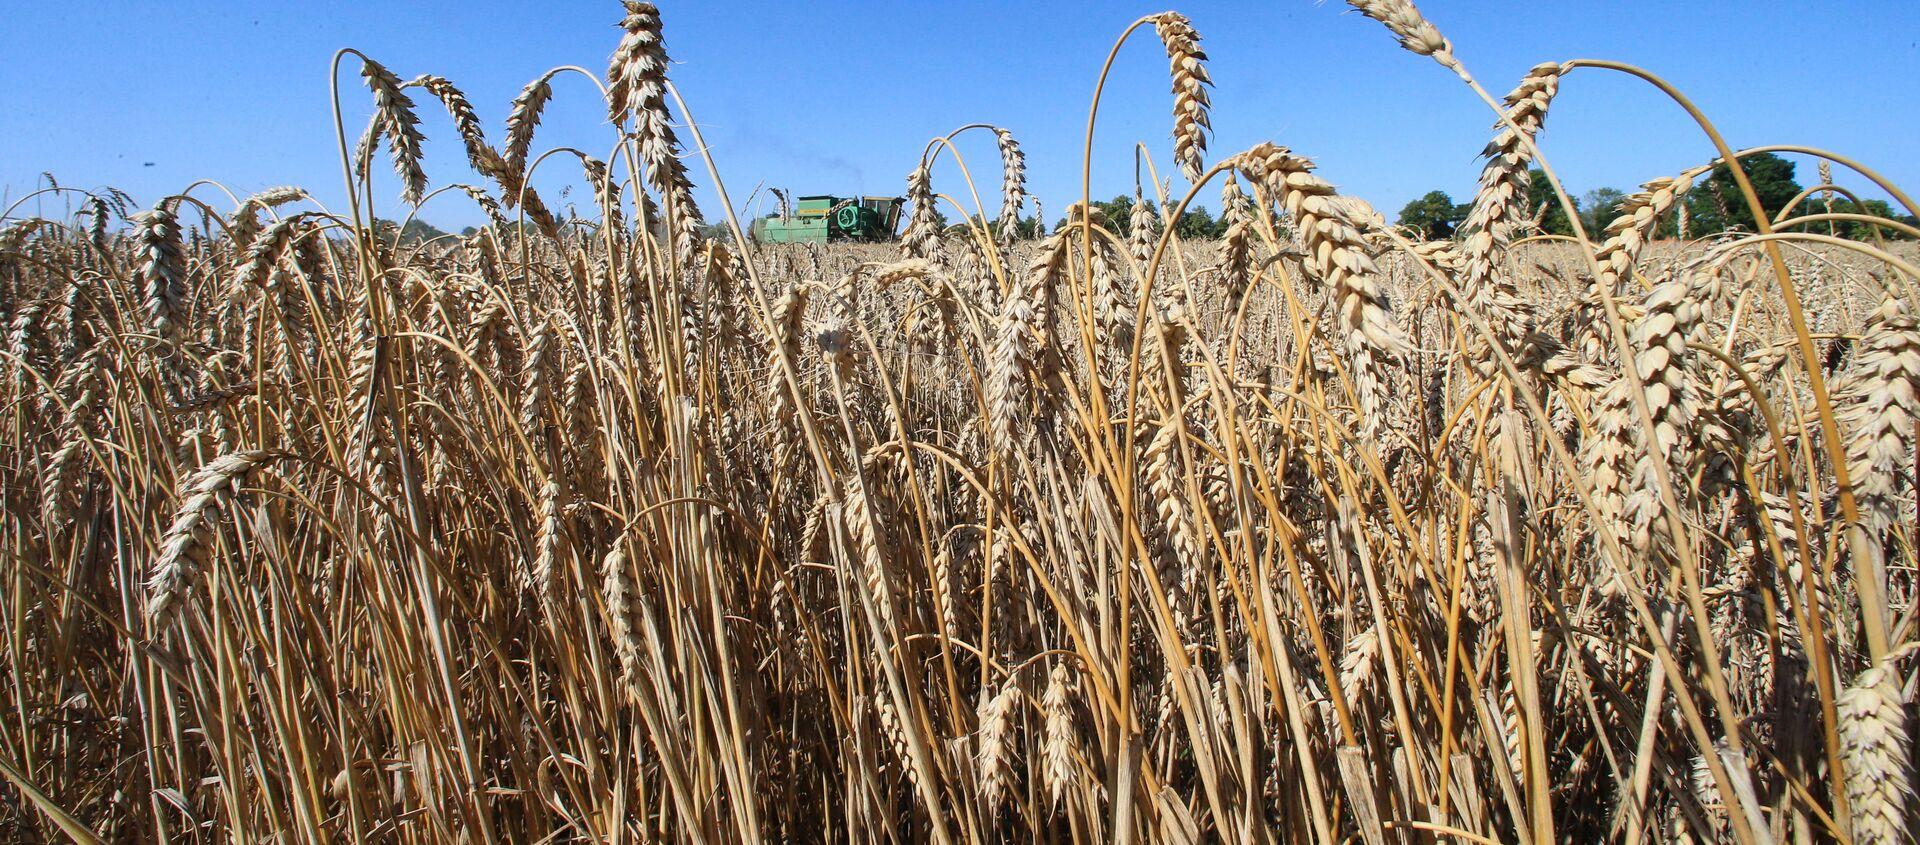 Уборка пшеницы  - Sputnik Узбекистан, 1920, 15.06.2020